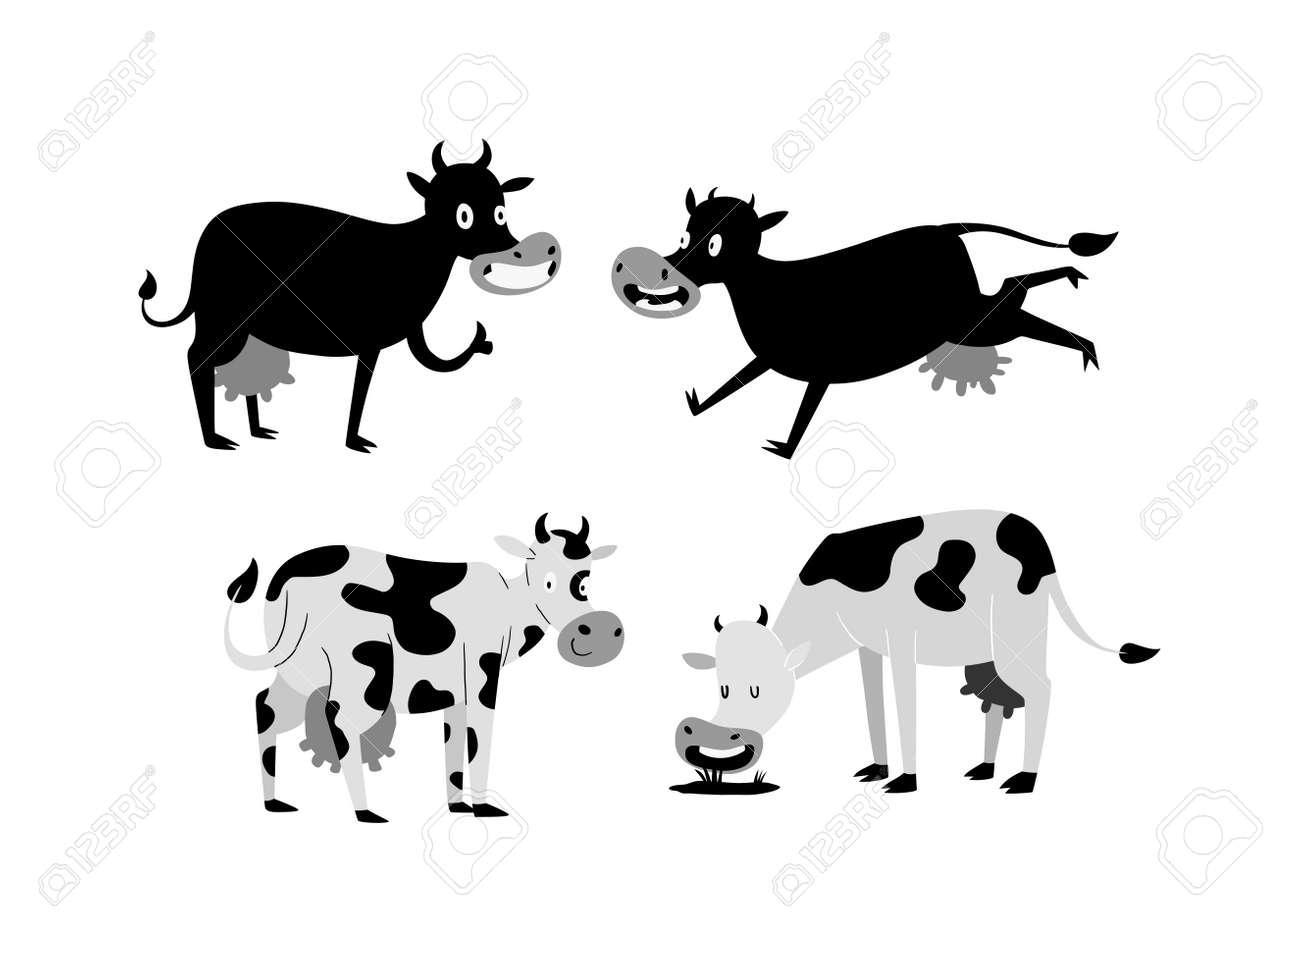 Gemütlich Bilder Von Nutztieren Zu Färben Fotos - Entry Level Resume ...